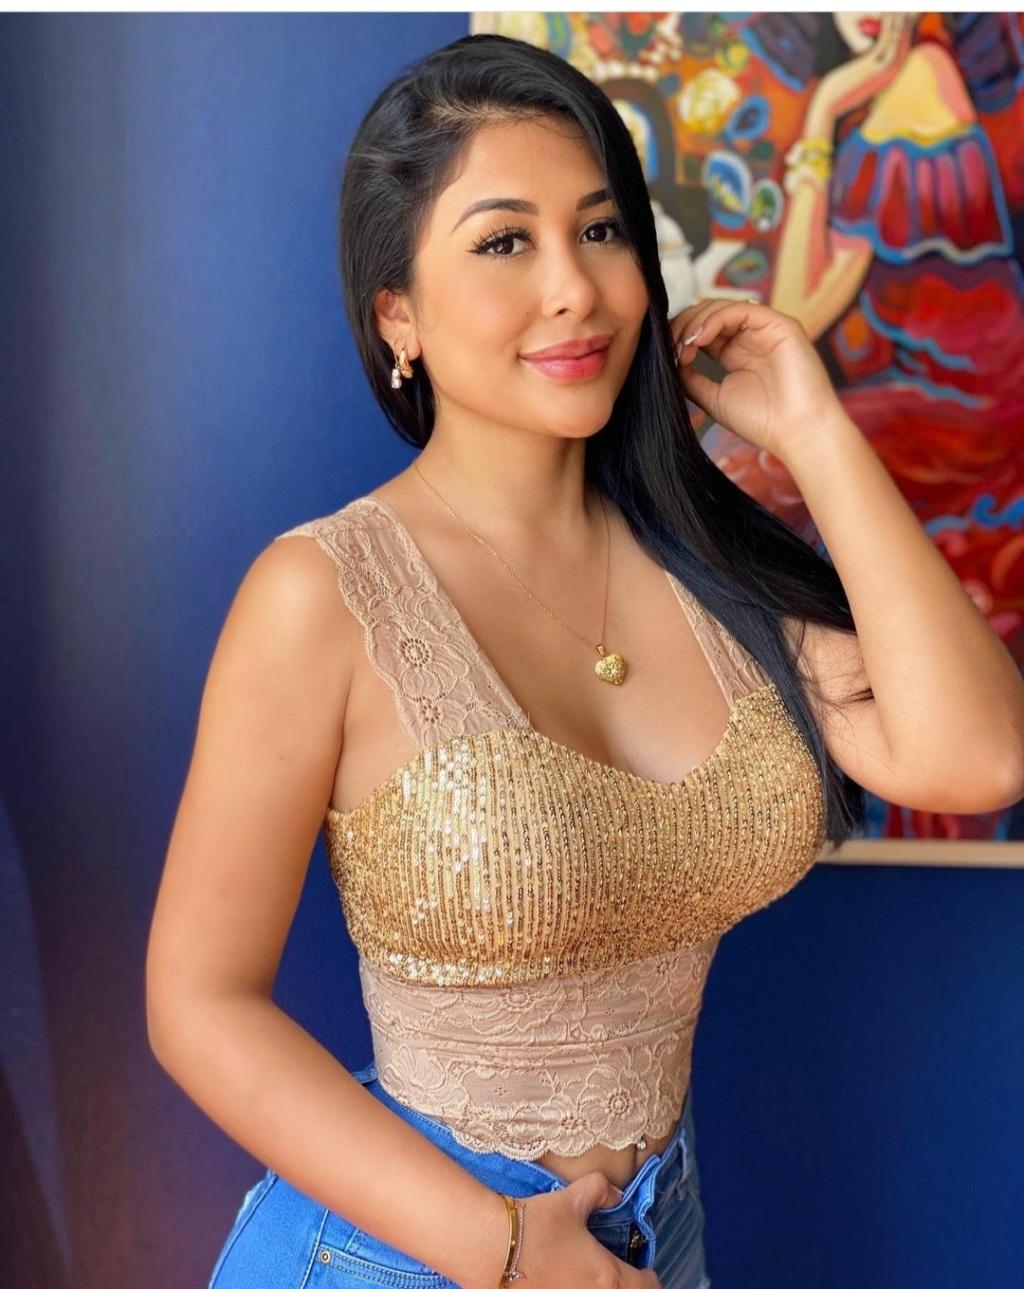 DEBATE sobre belleza, guapura y hermosura (fotos de chicas latinas, mestizas, y de todo) - VOL II - Página 9 Img_1347